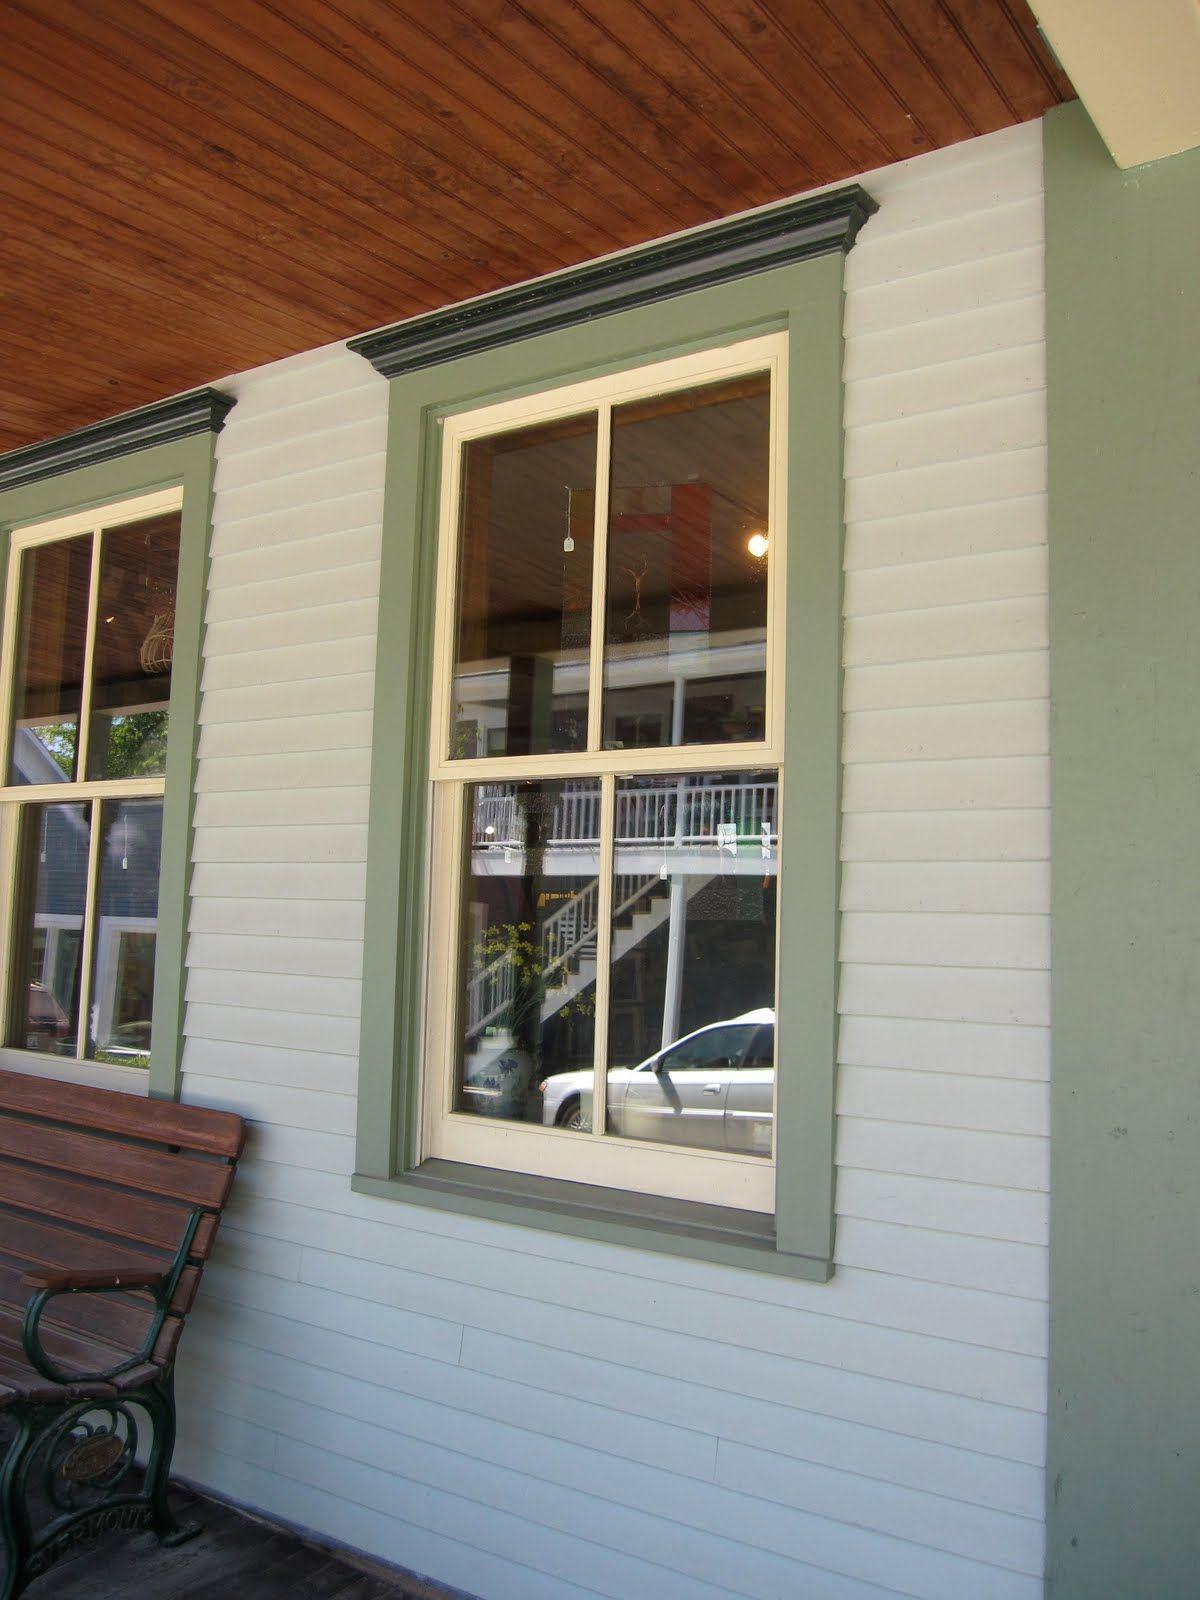 Window Trim Window trim exterior, House exterior, House